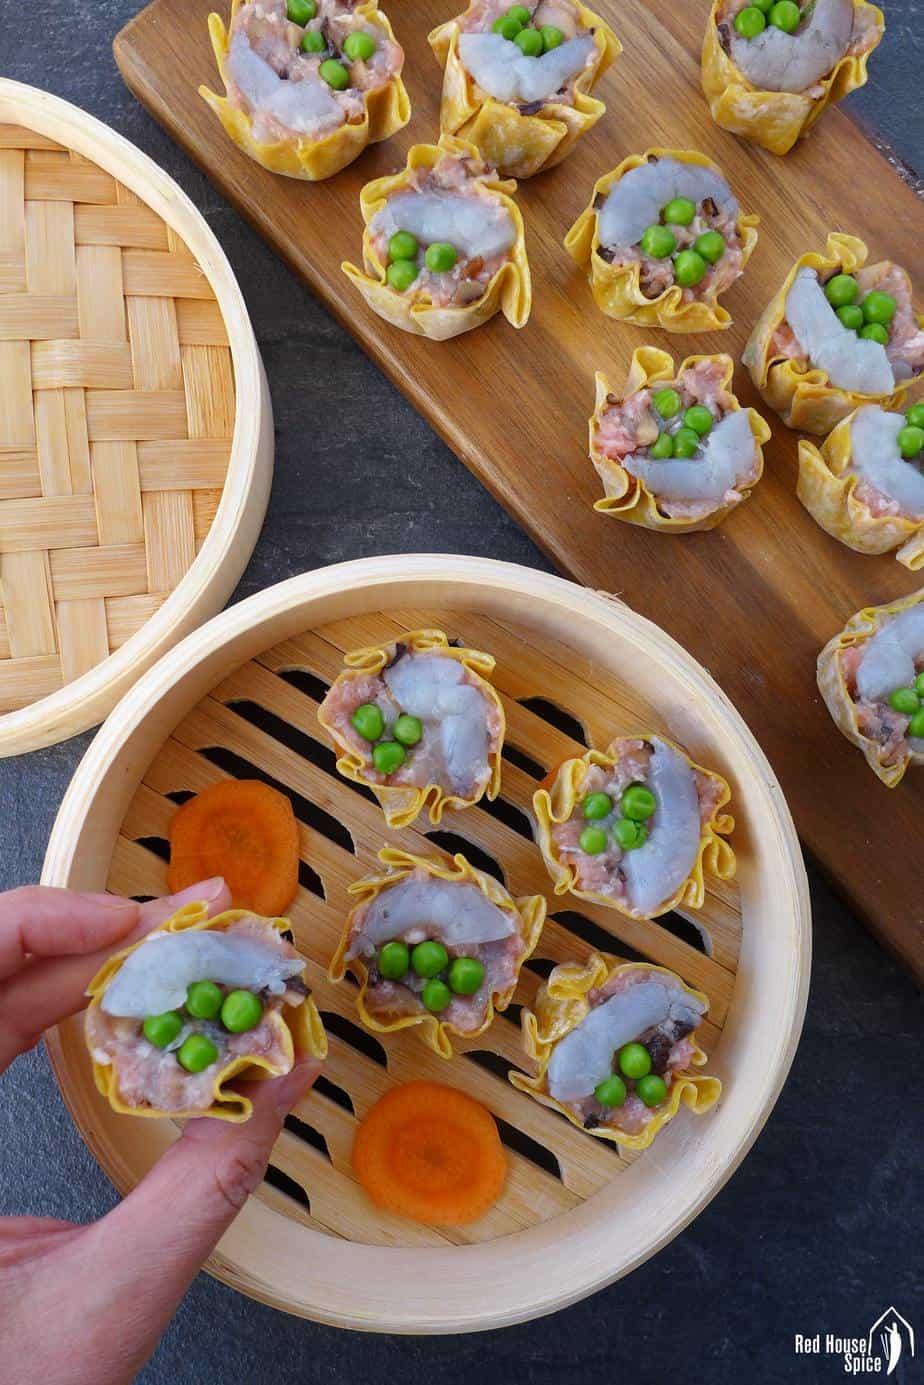 Putting freshly made shrimp & pork shumai into a steamer basket.